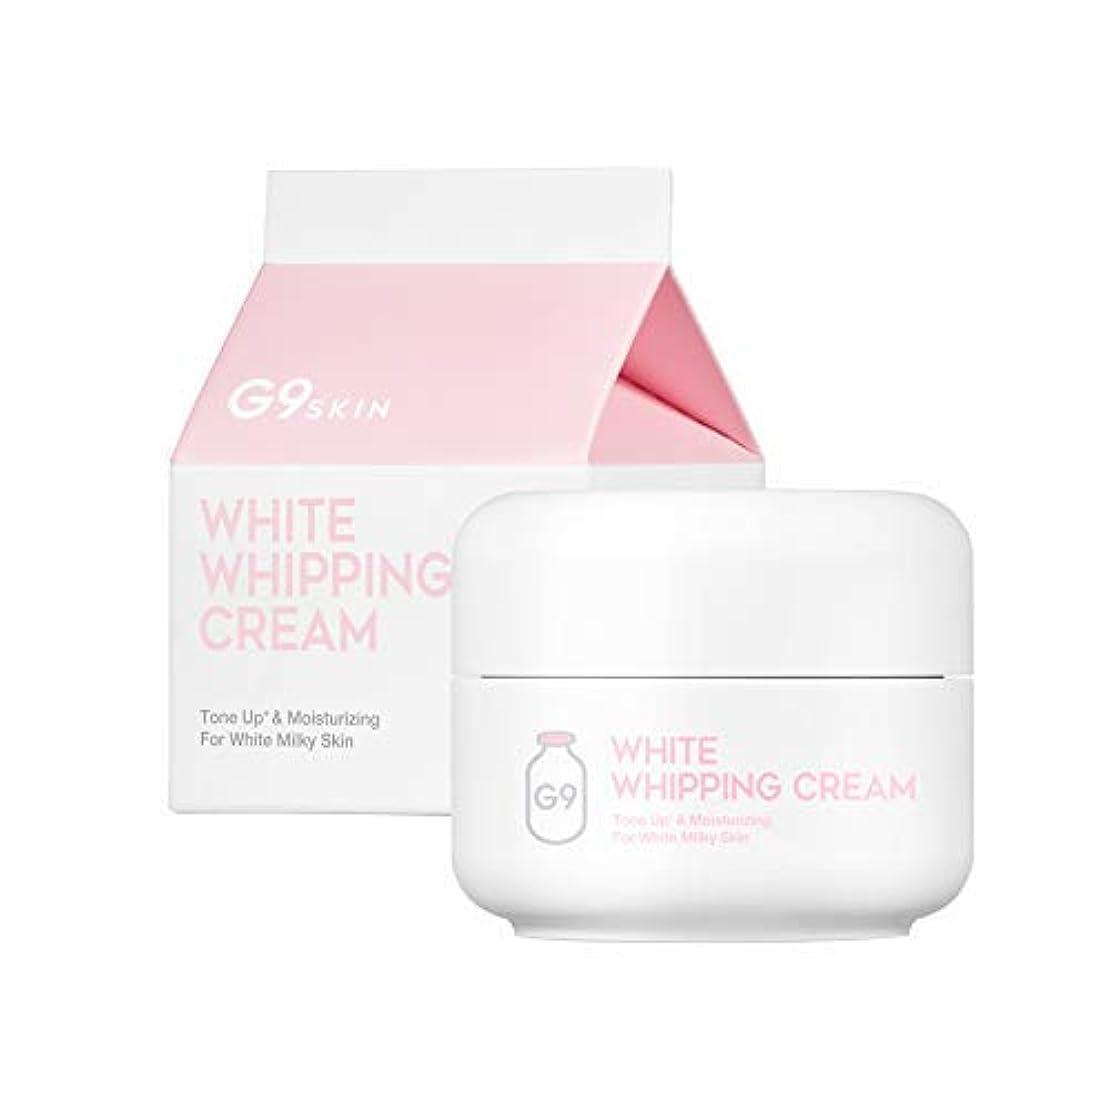 怠セッション邪魔G9 SKIN WHITE WHIPPING CREAM ジーナインスキン ホワイト ホイッピング クリーム 50g お肌 スキン ケア 牛乳 パック ミルク 化粧品 韓国 コスメ